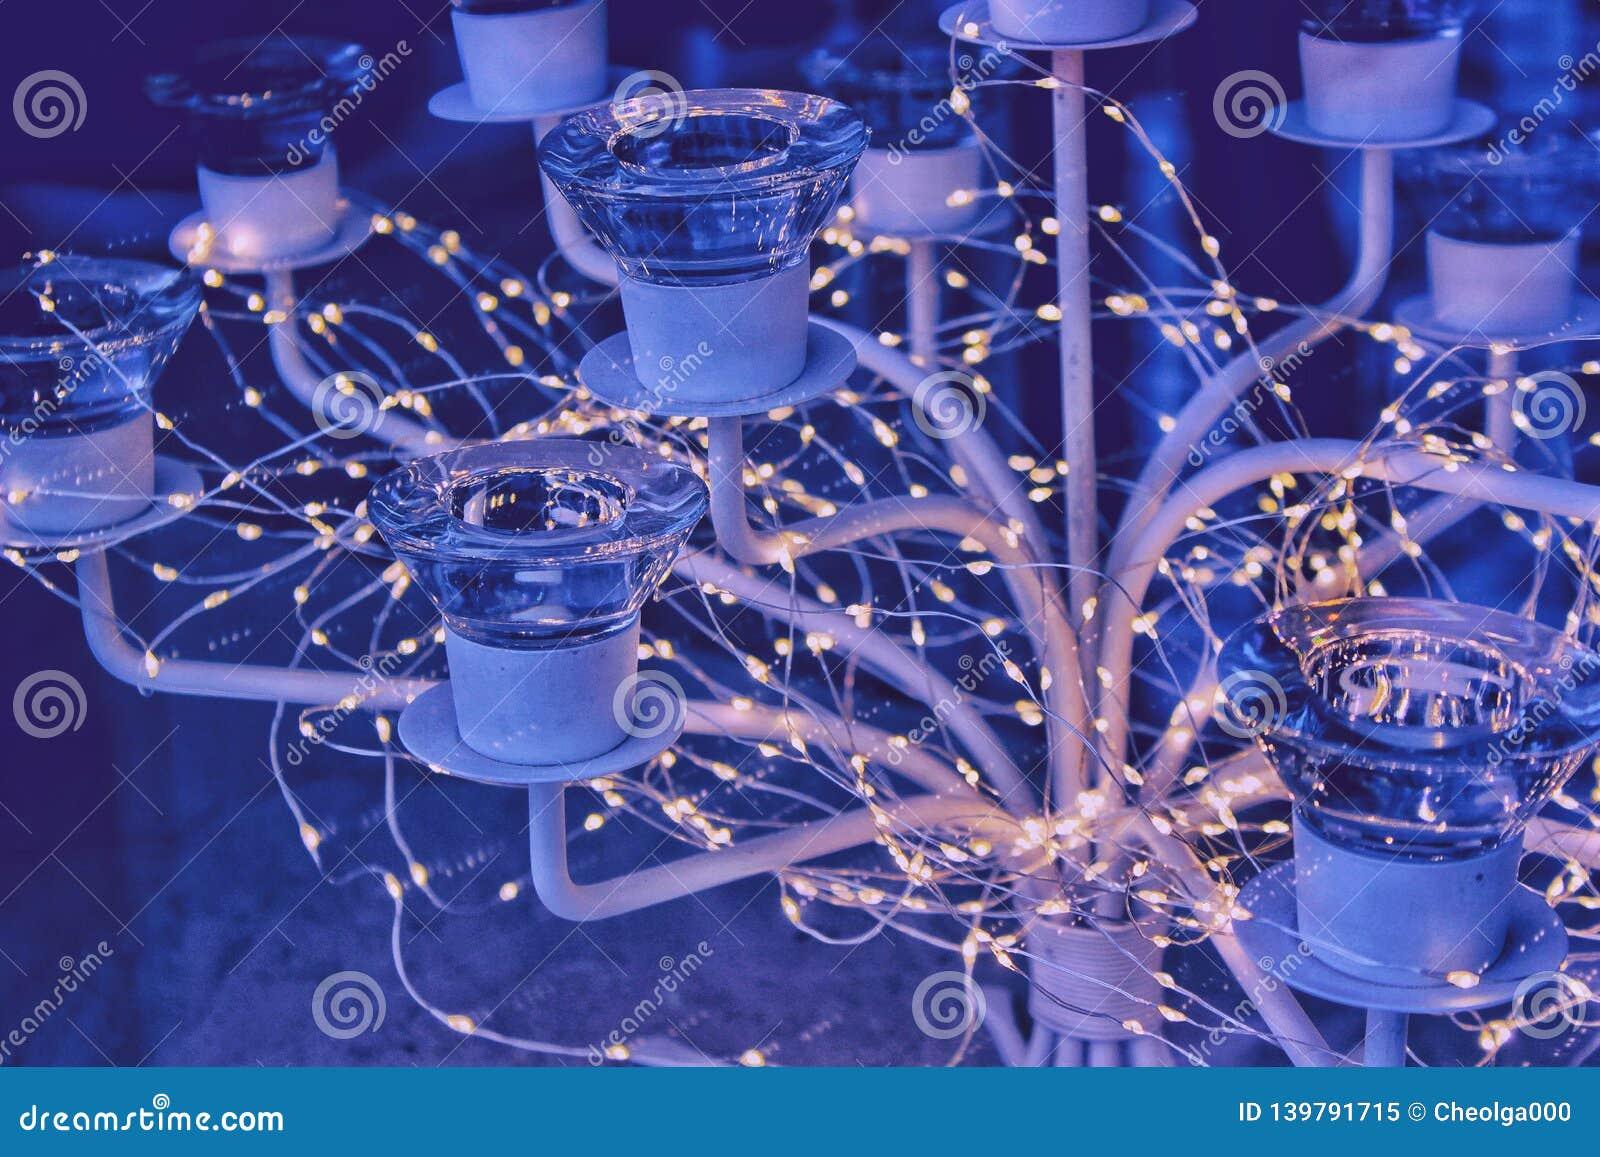 Luzes em torno de um castiçal de vidro luxuoso, uma noite festiva da festão, fundo azul, luzes mornas de incandescência